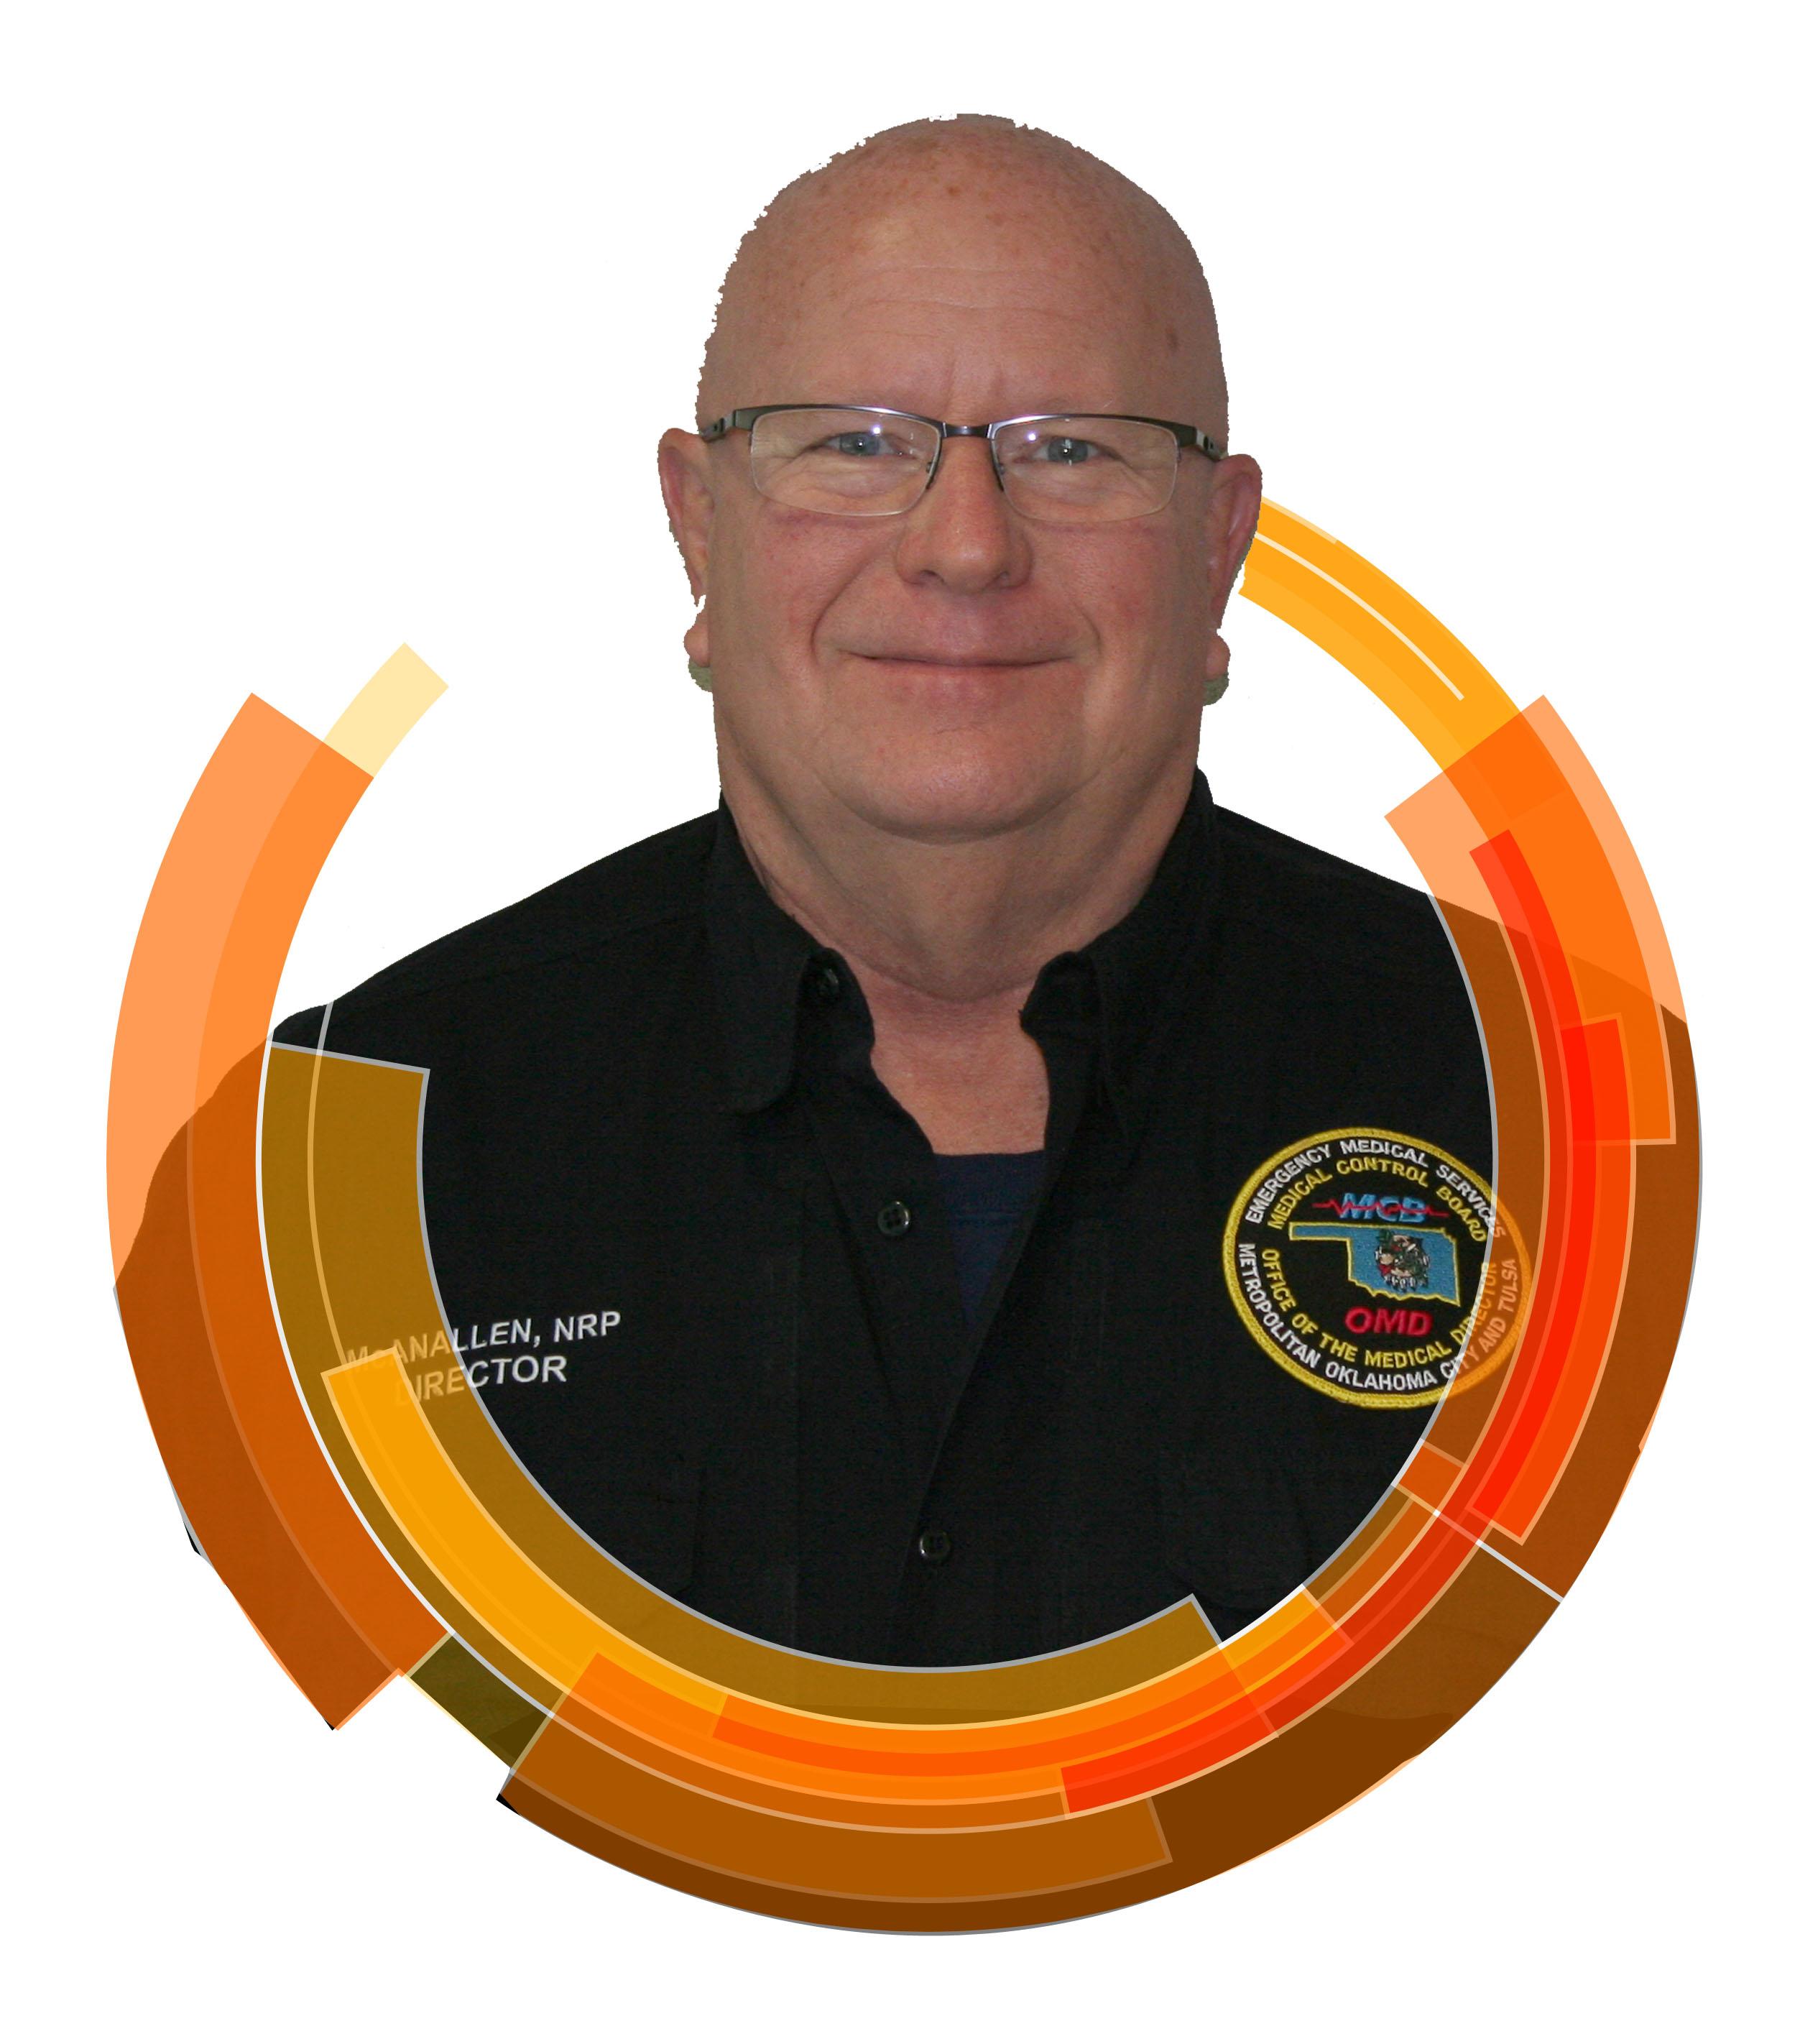 Duffy McAnallen, NRP